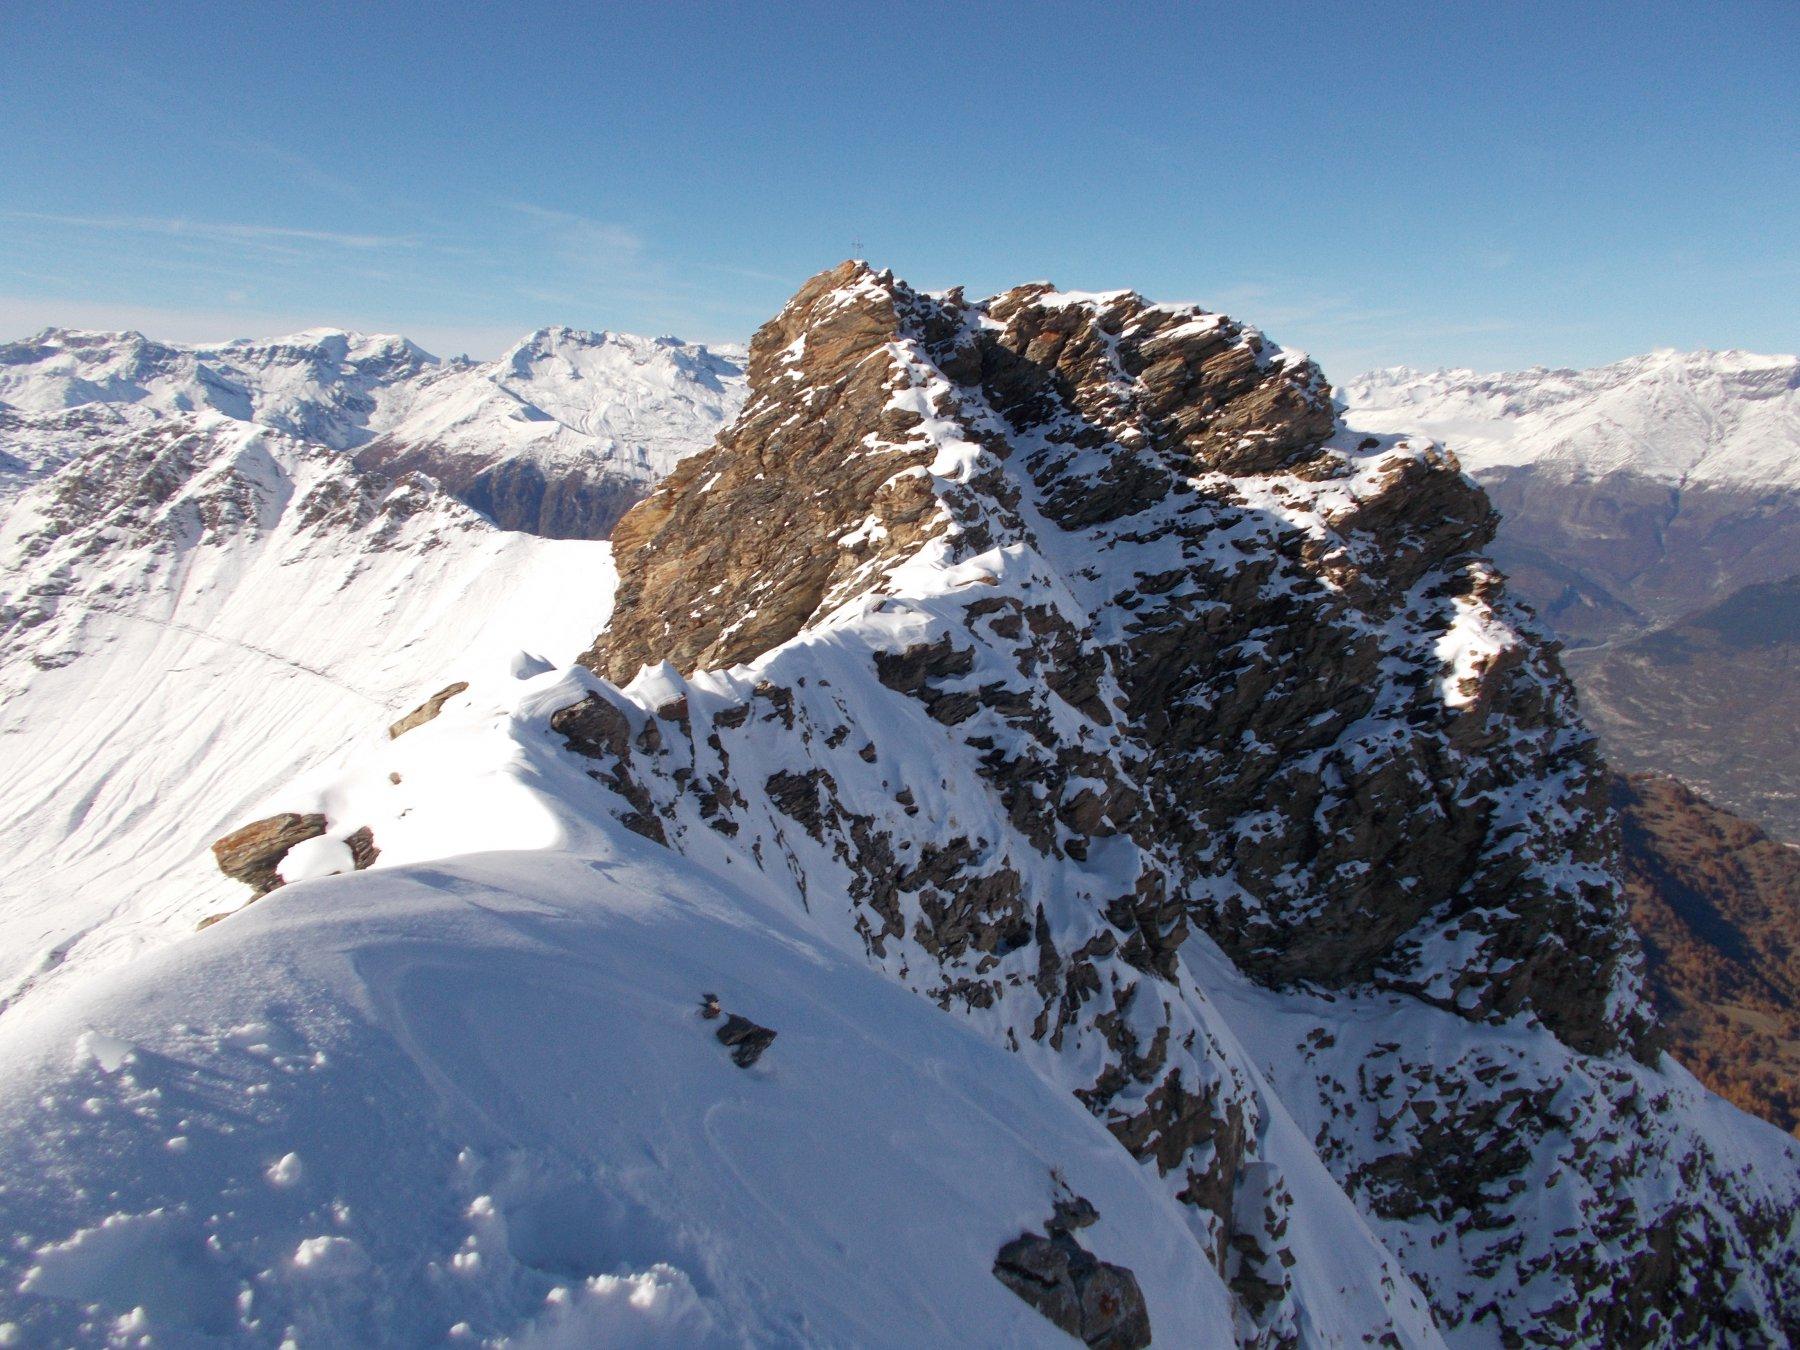 Français Pelouxe (Monte) e Monte Pelvo dal Colle delle Finestre, anello 2015-10-29